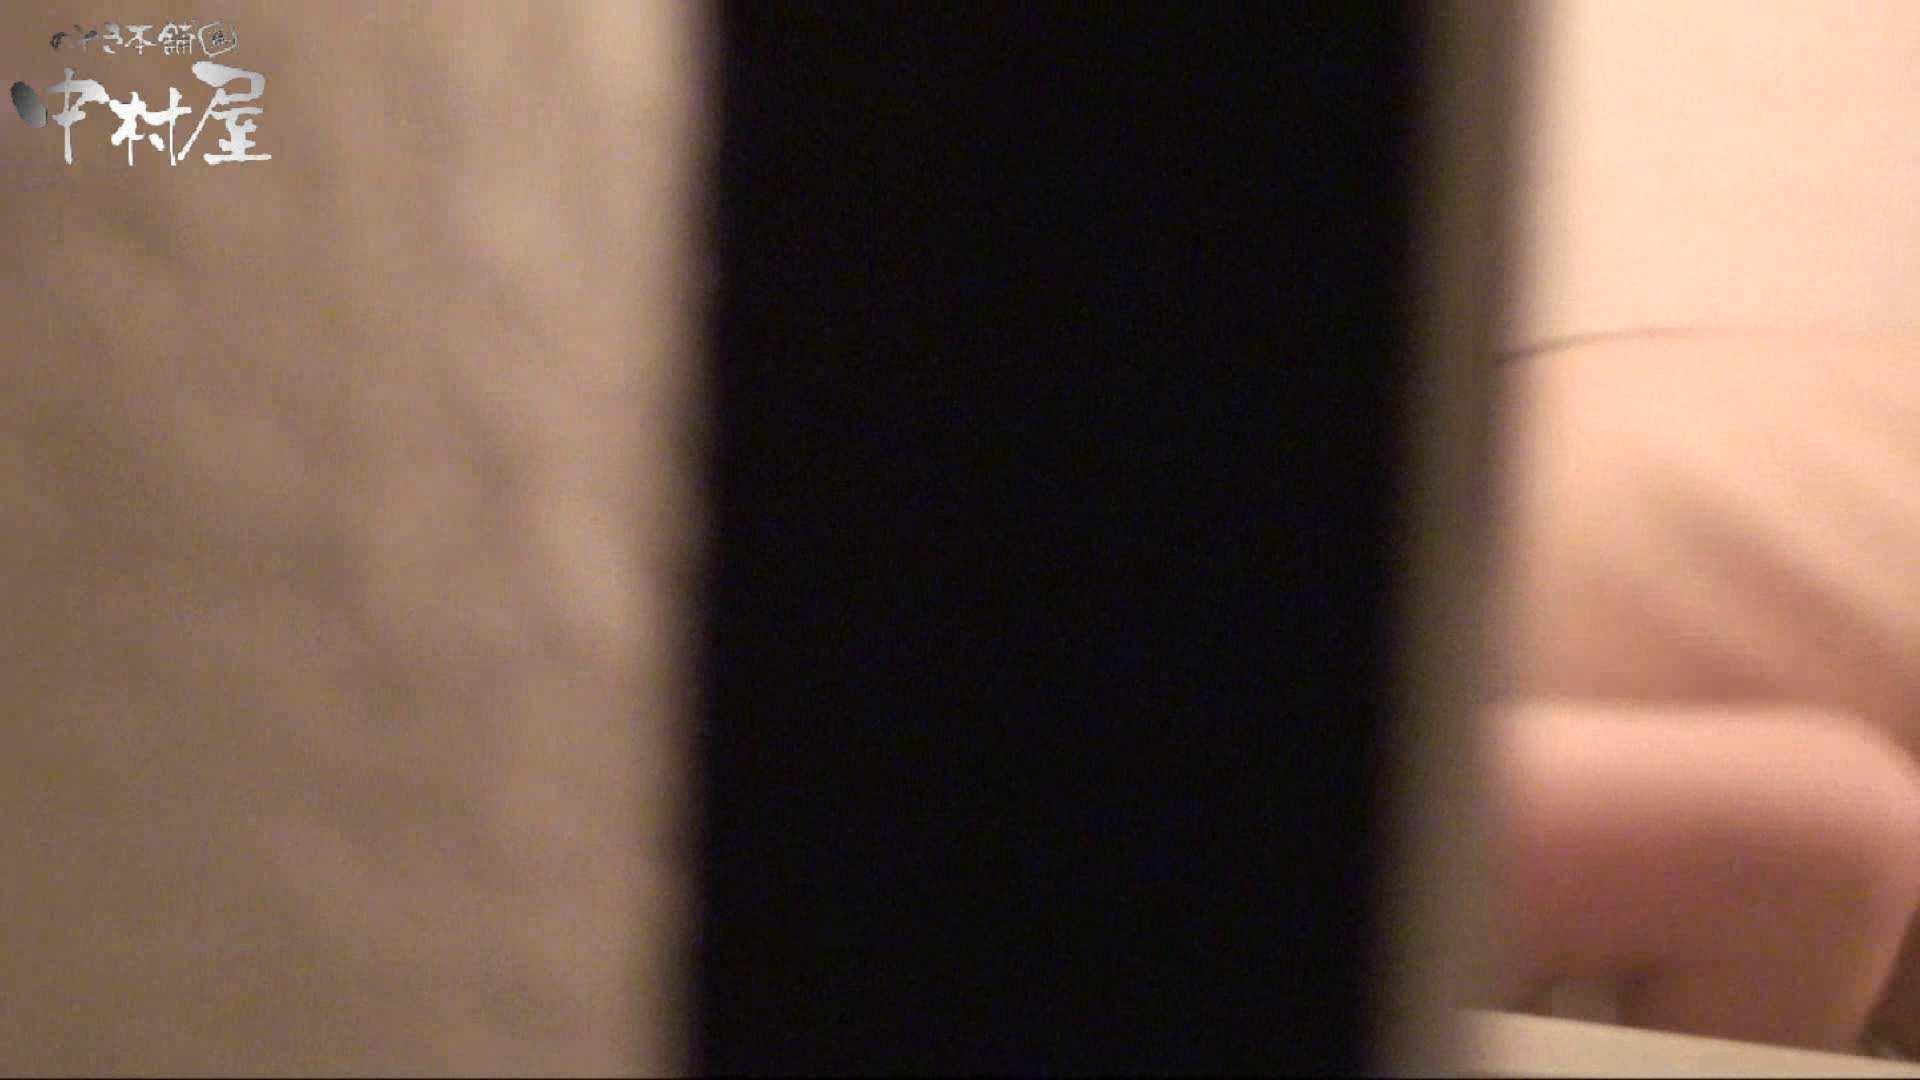 民家盗撮 隙間の向こう側 vol.01 シャワー アダルト動画キャプチャ 105PICs 91